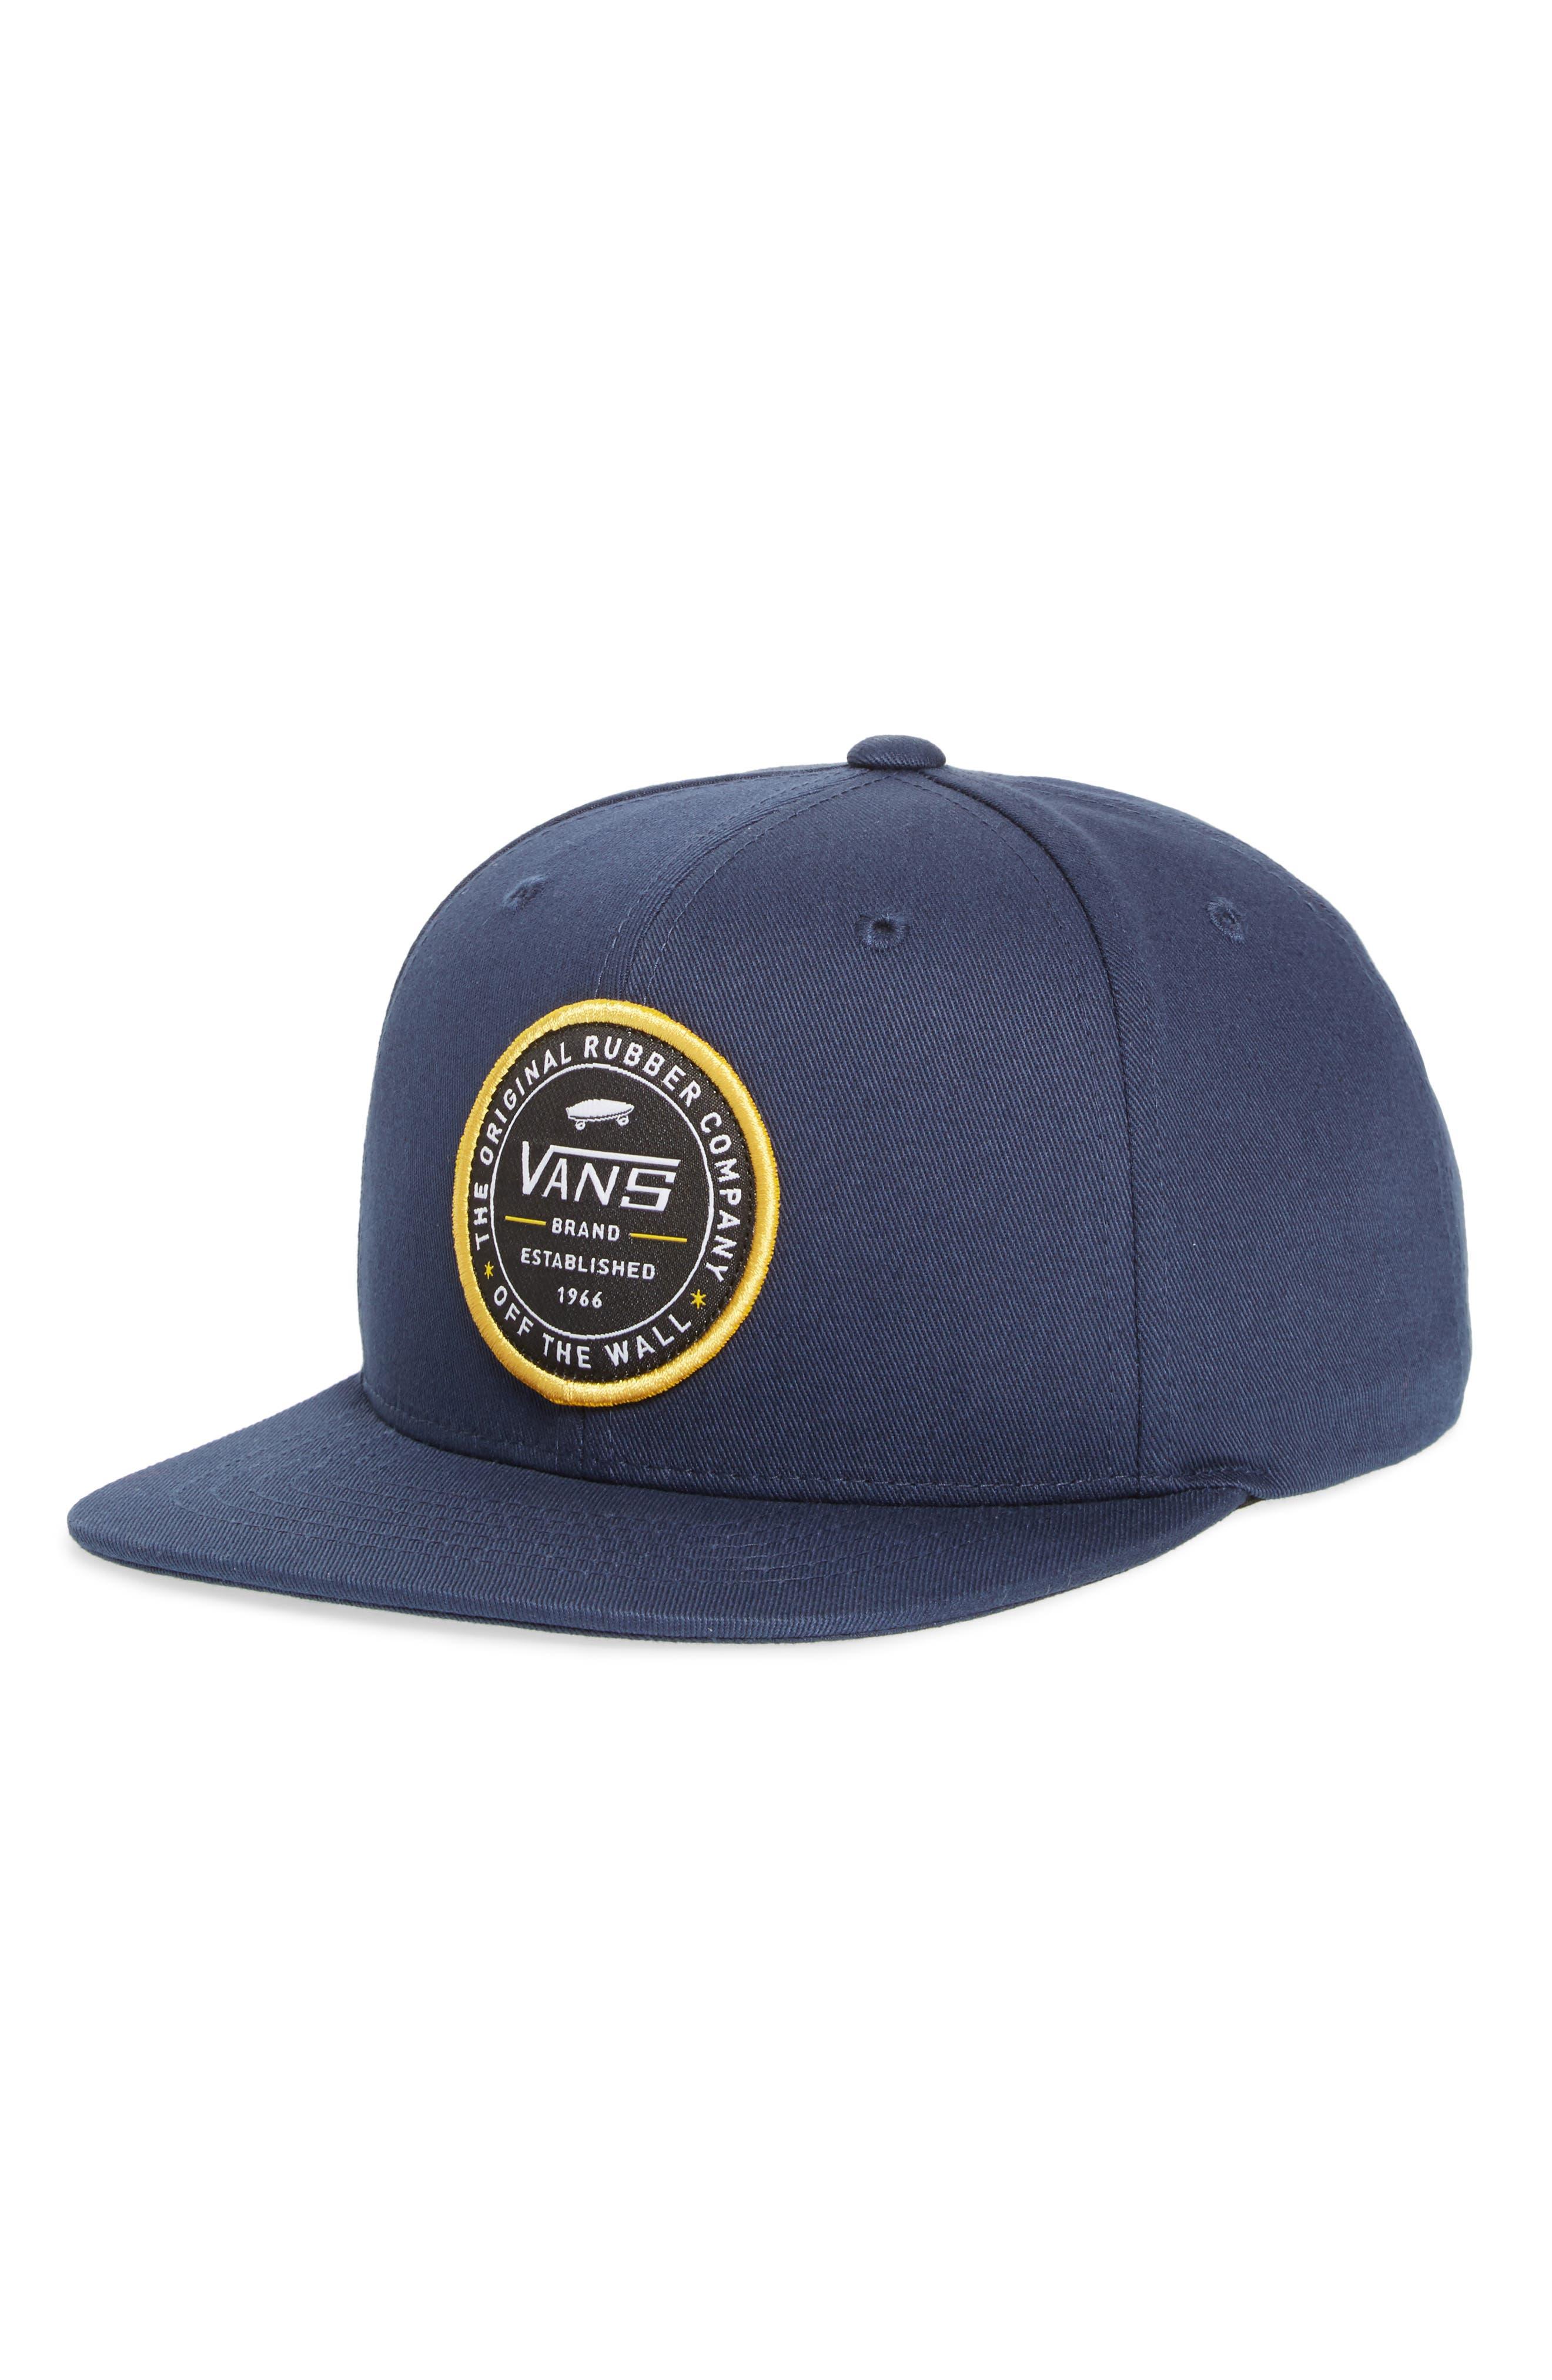 Established 66 Snapback Cap,                         Main,                         color, Dress Blues